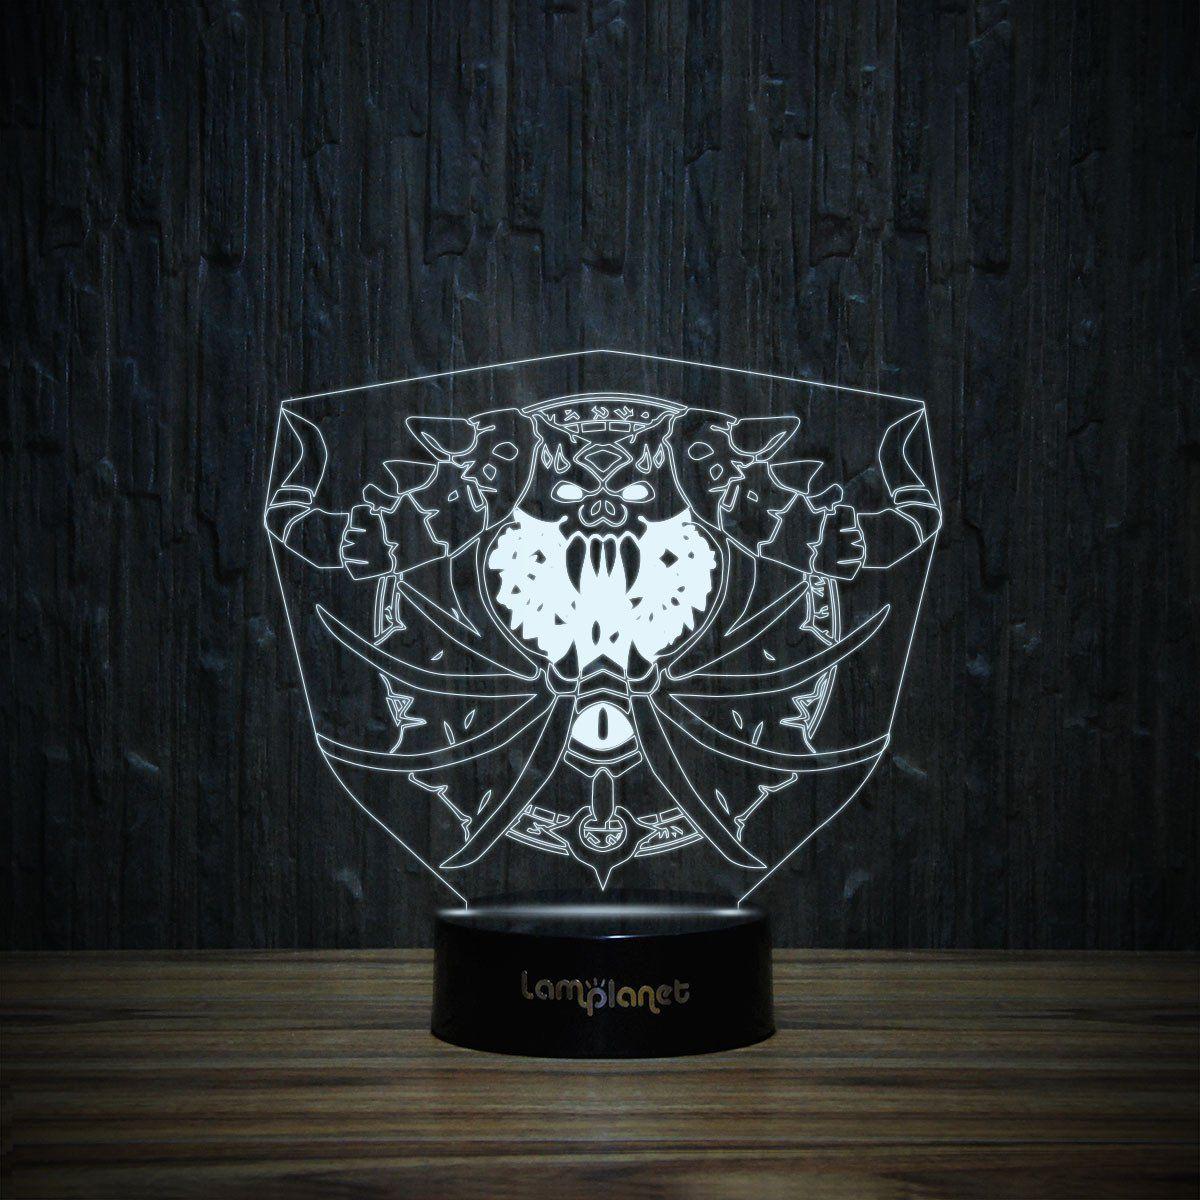 3D-184 3D LED Illusion Lamp-3D Lamp-Lamplanet